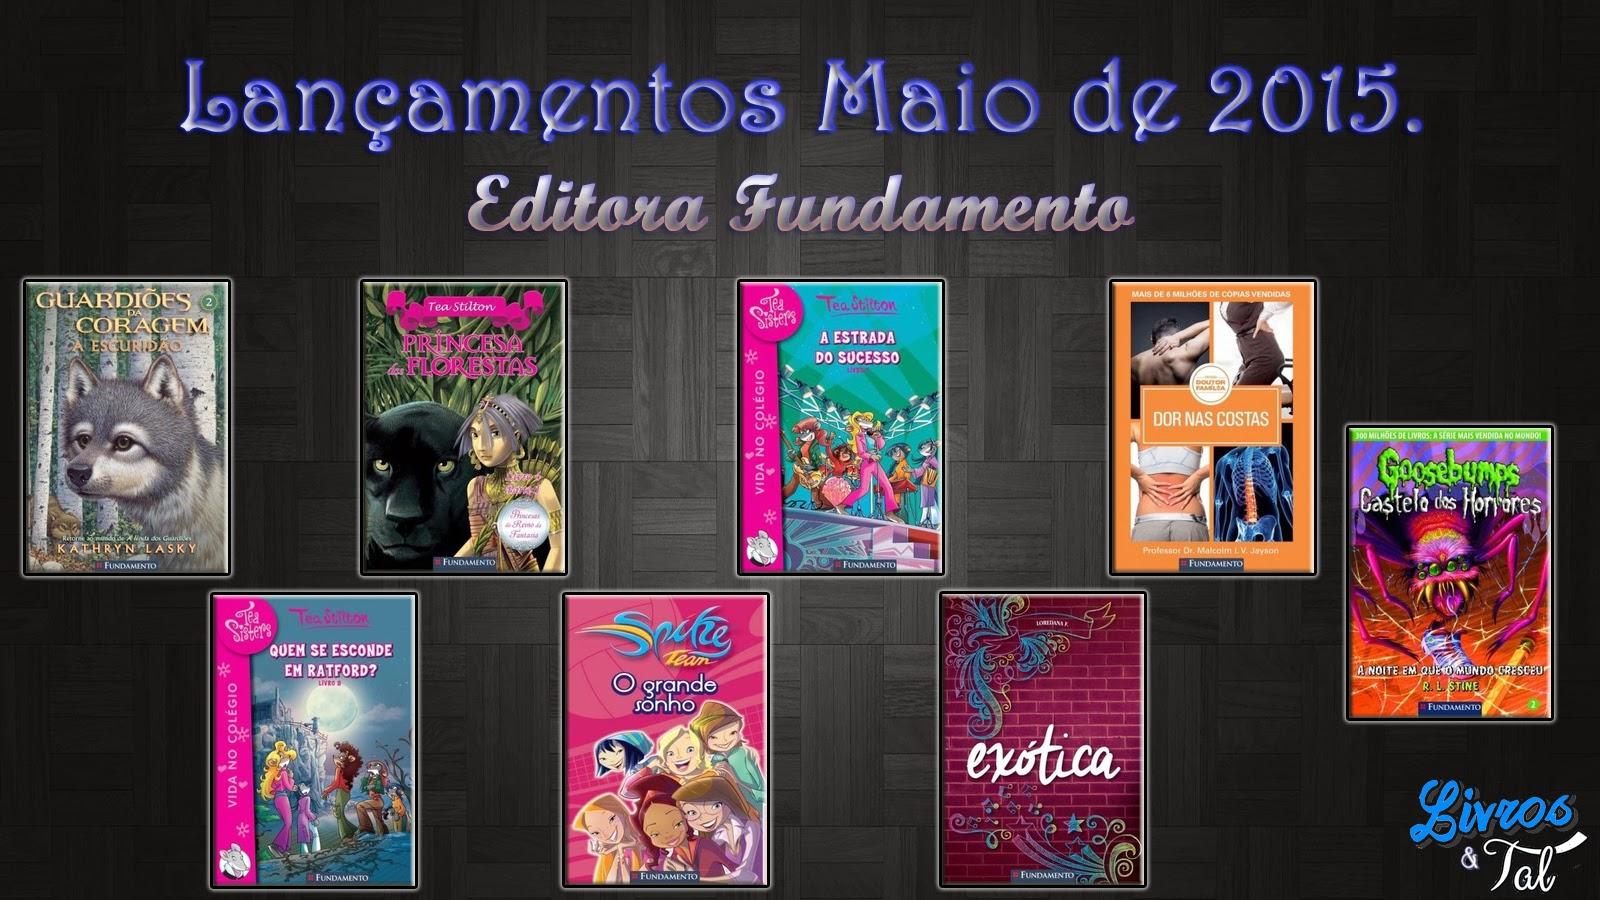 http://livrosetalgroup.blogspot.com.br/p/lancamentos-maio-de-2015-editora.html